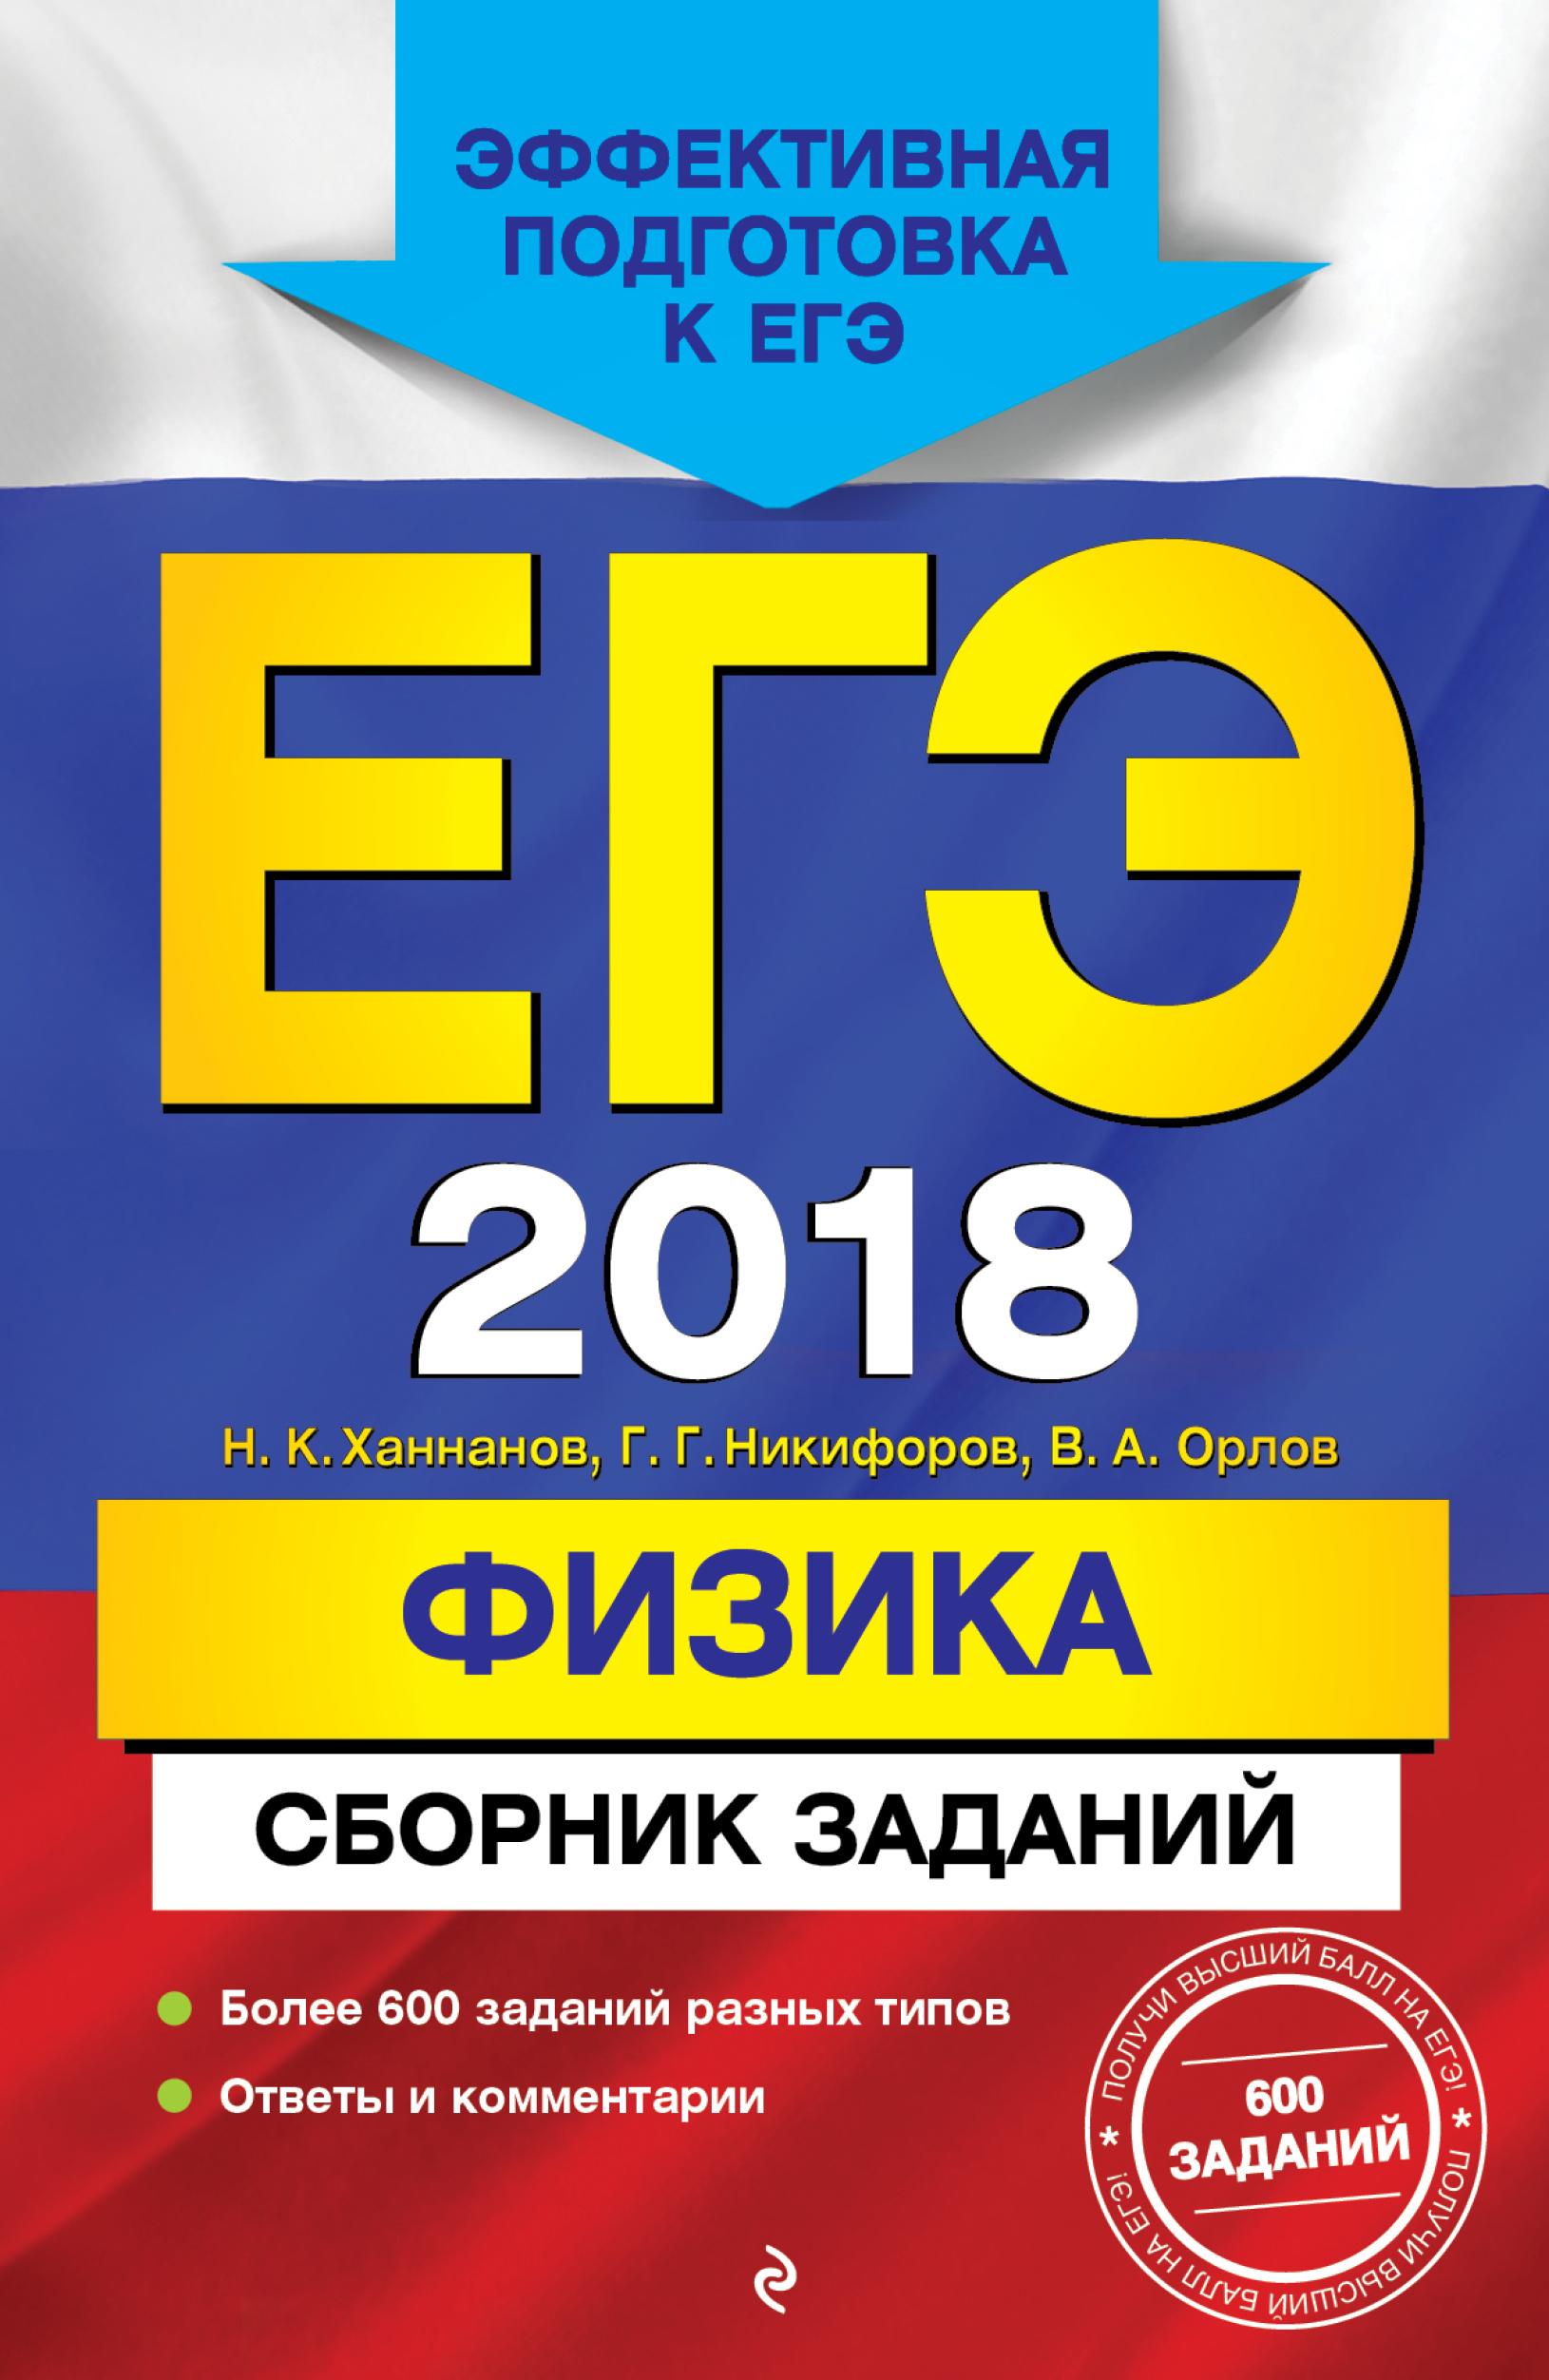 В. А. Орлов ЕГЭ-2018. Физика. Сборник заданий аудиокурсы подготовка к егэ по физике mp3